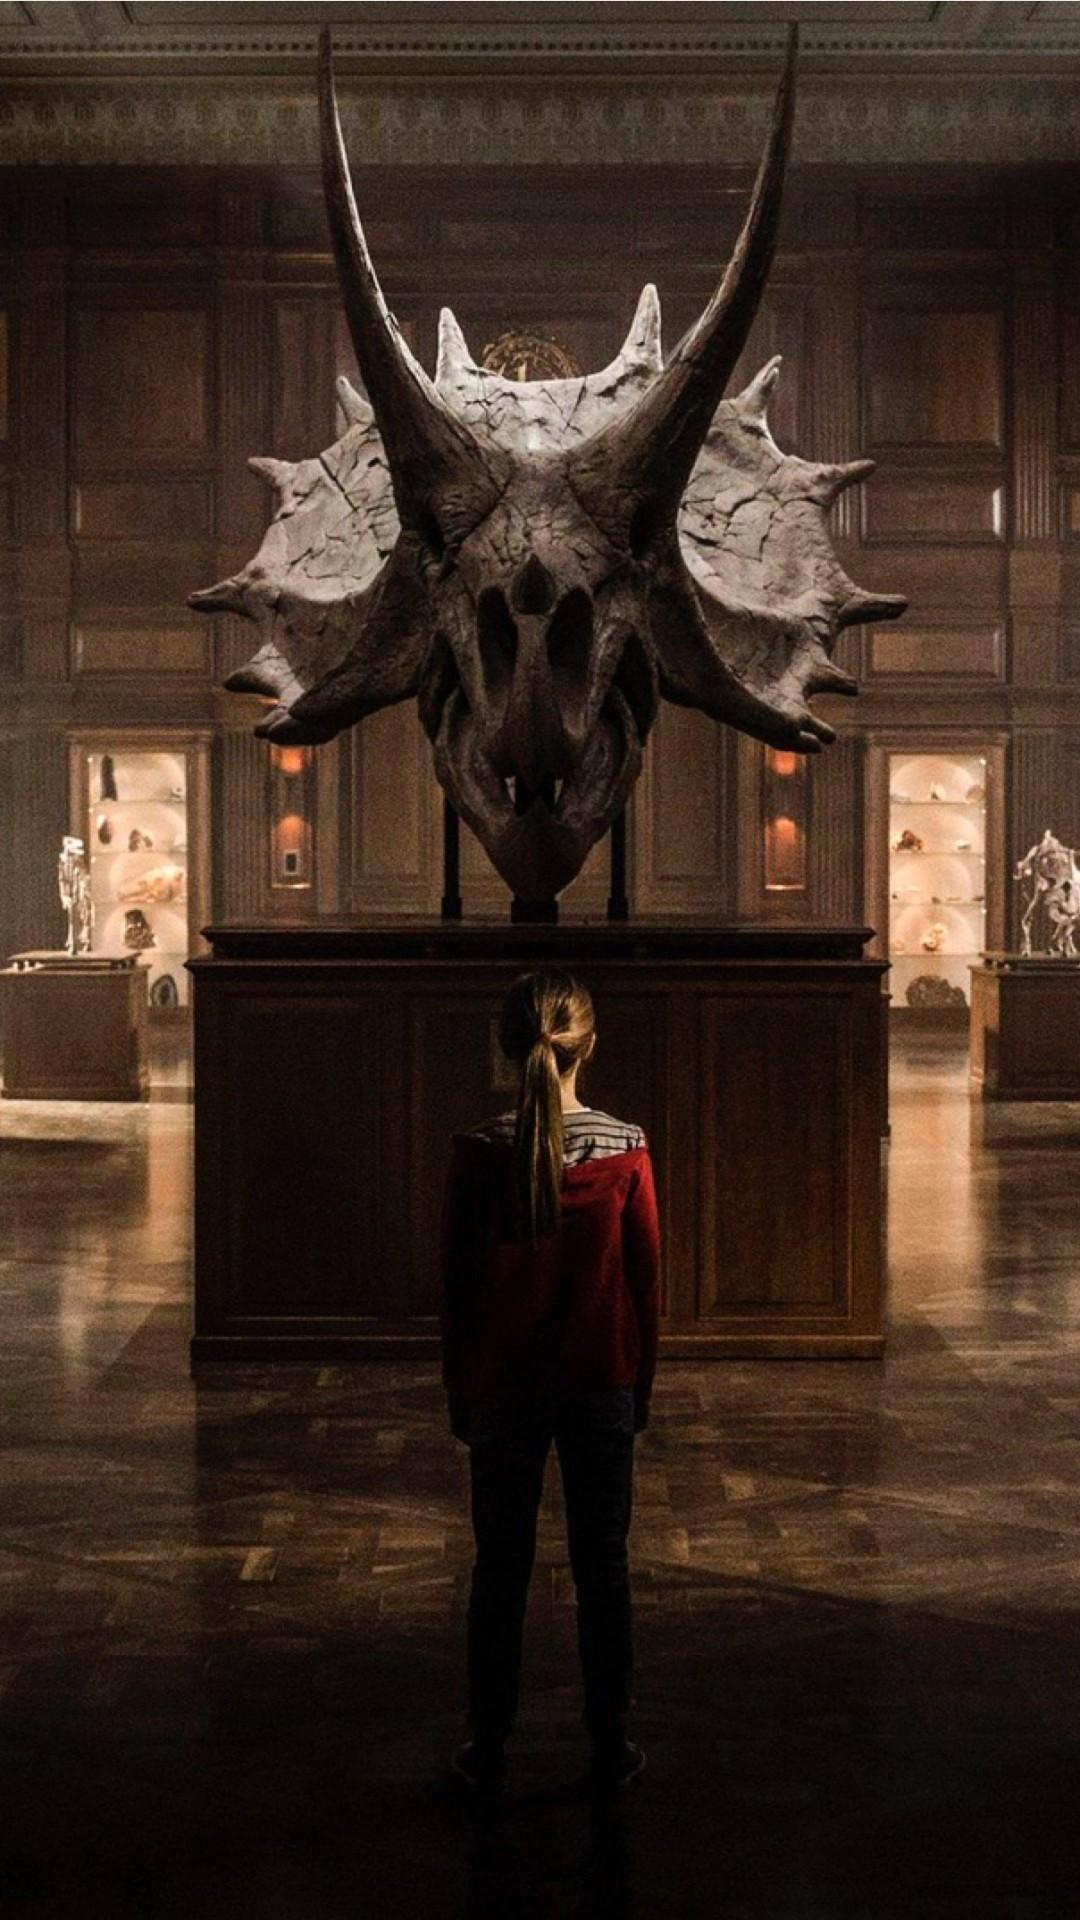 Wallpaper Jurassic World: Fallen Kingdom, 4k, Movies #16100